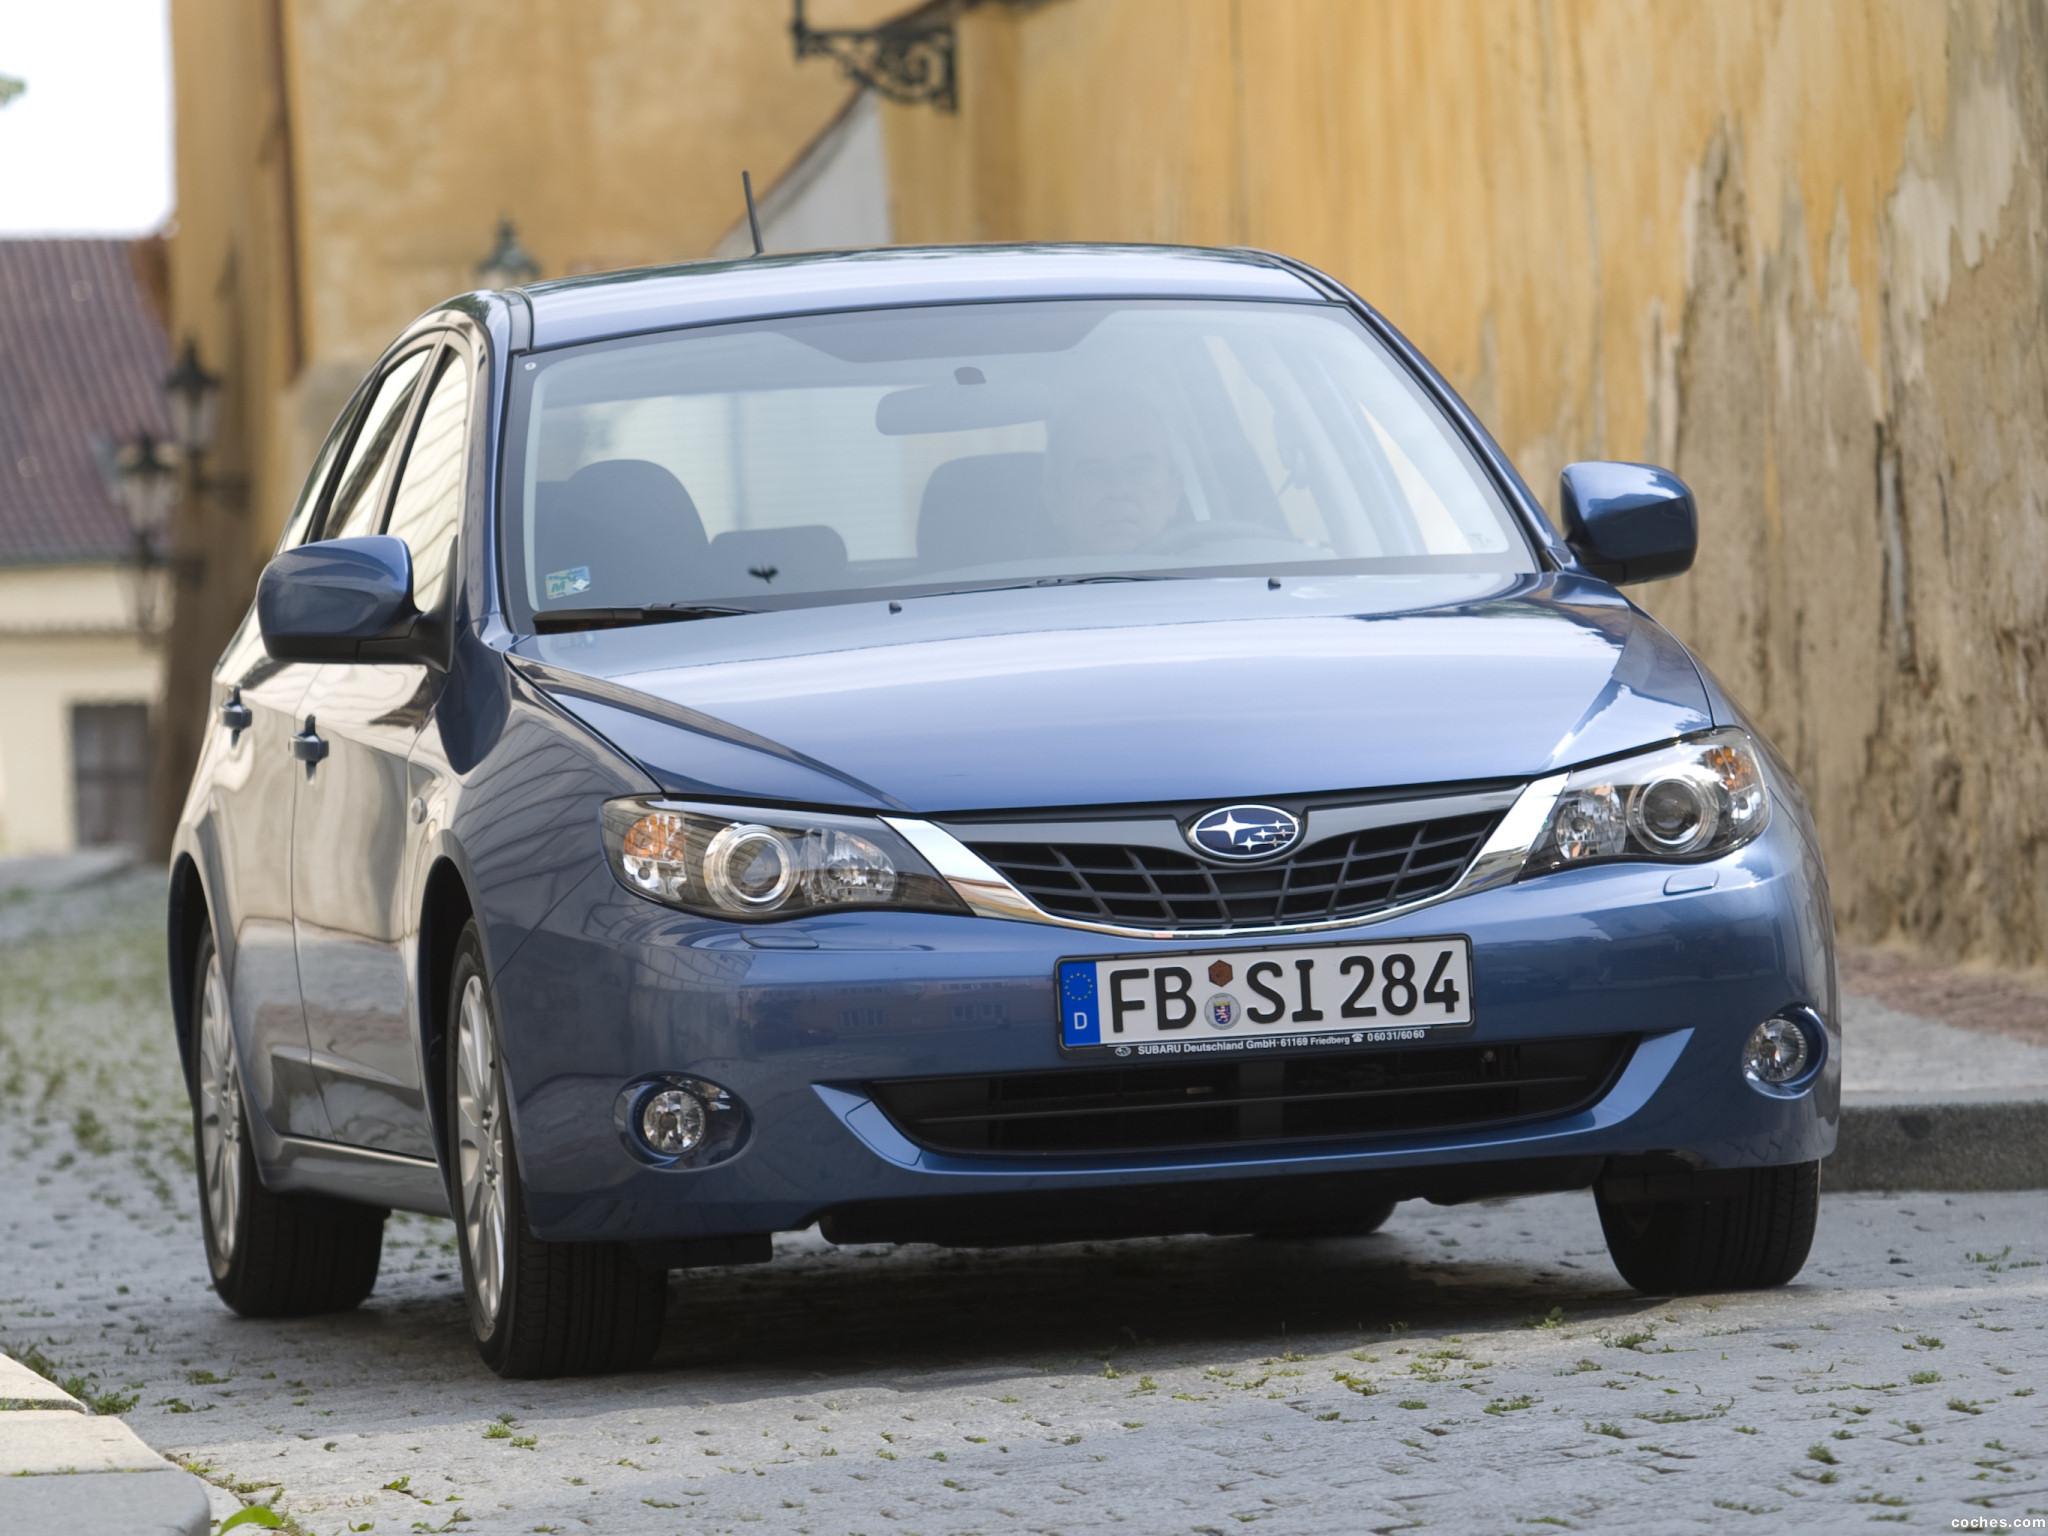 Foto 0 de Subaru Impreza 5 puertas 2008